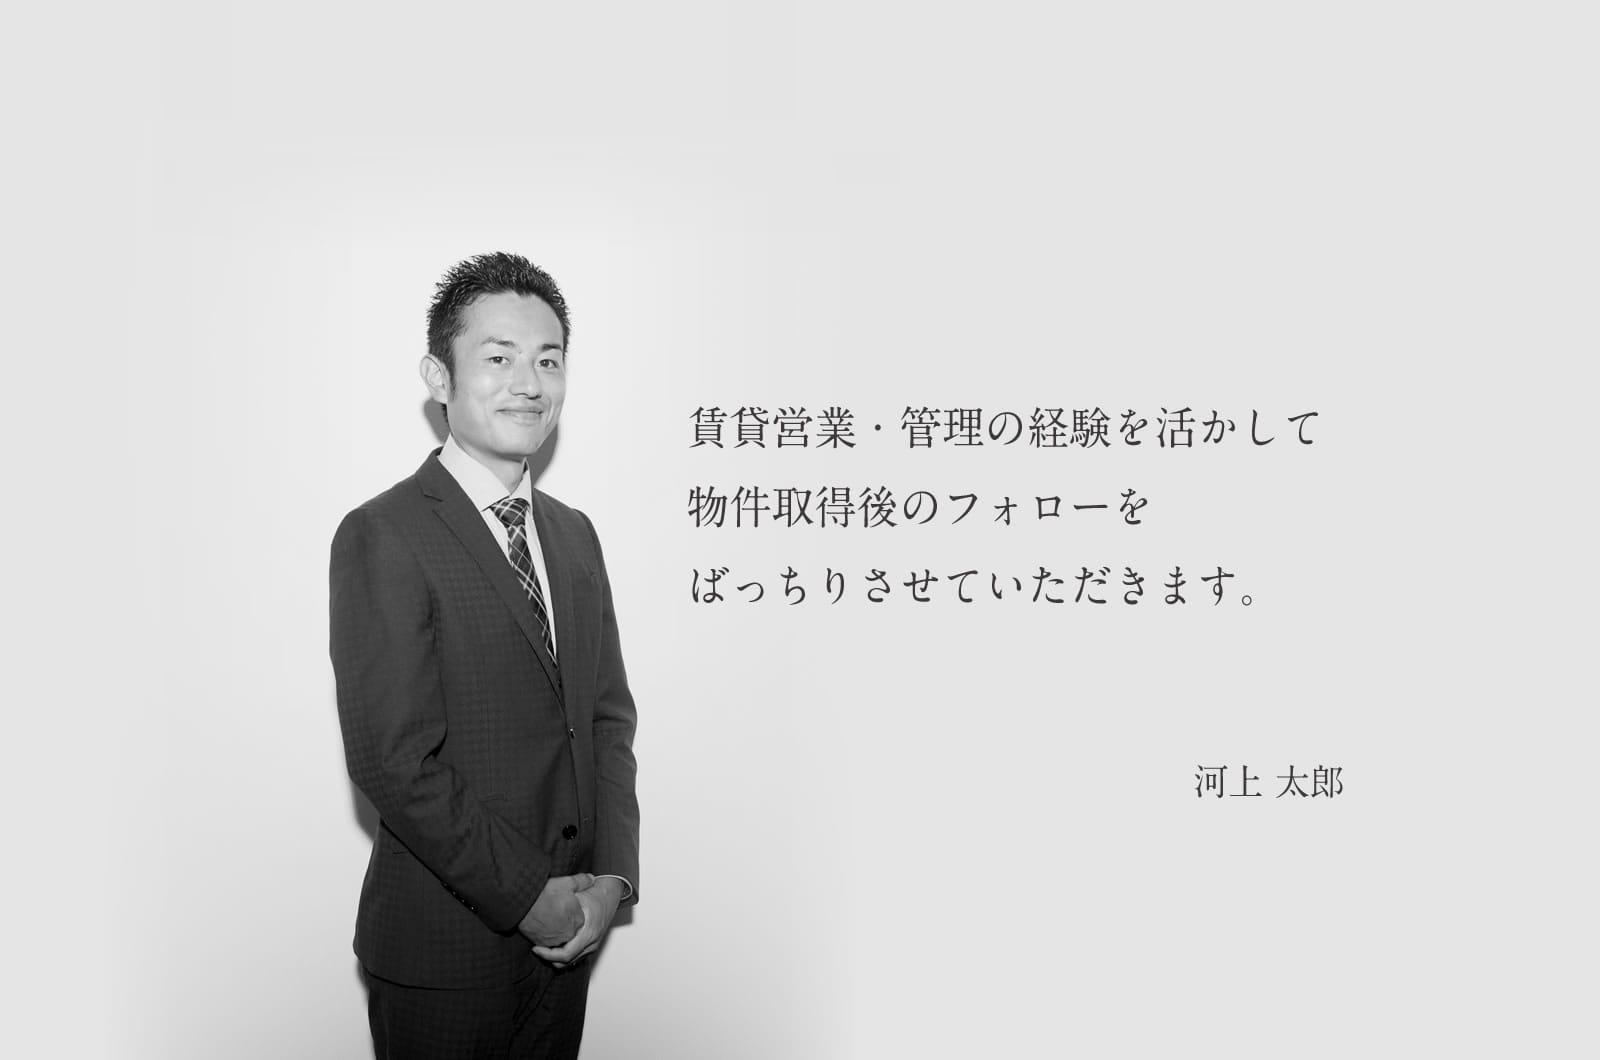 賃貸営業・管理の経験を活かして物件取得後のフォローをばっちりさせていただきます。河上 太郎